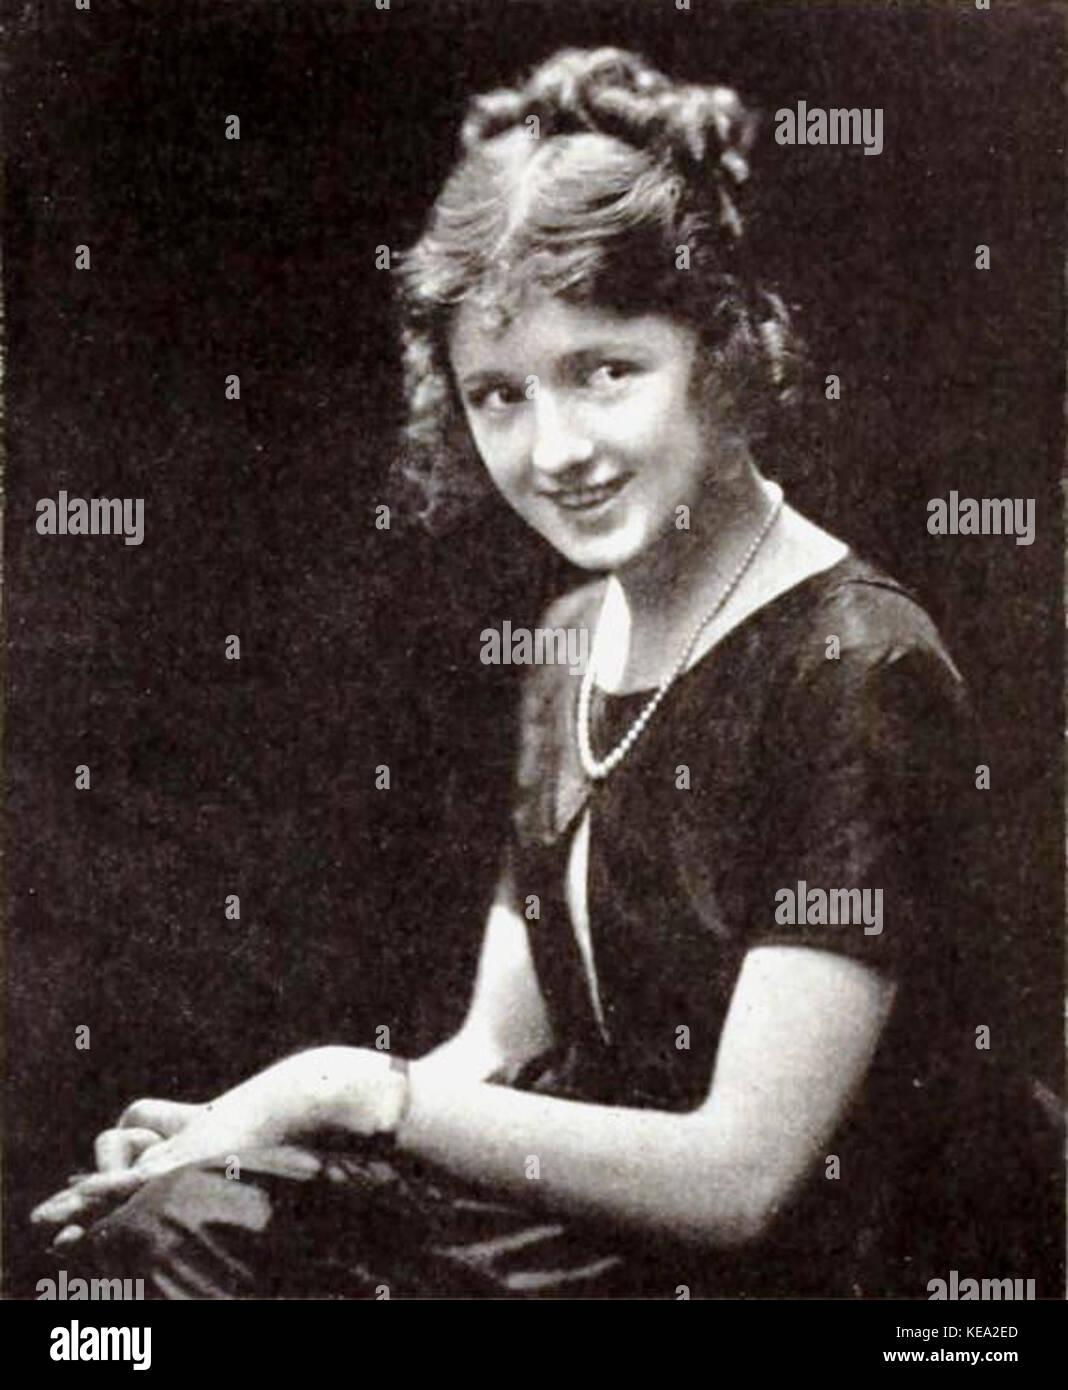 Vivian Martin